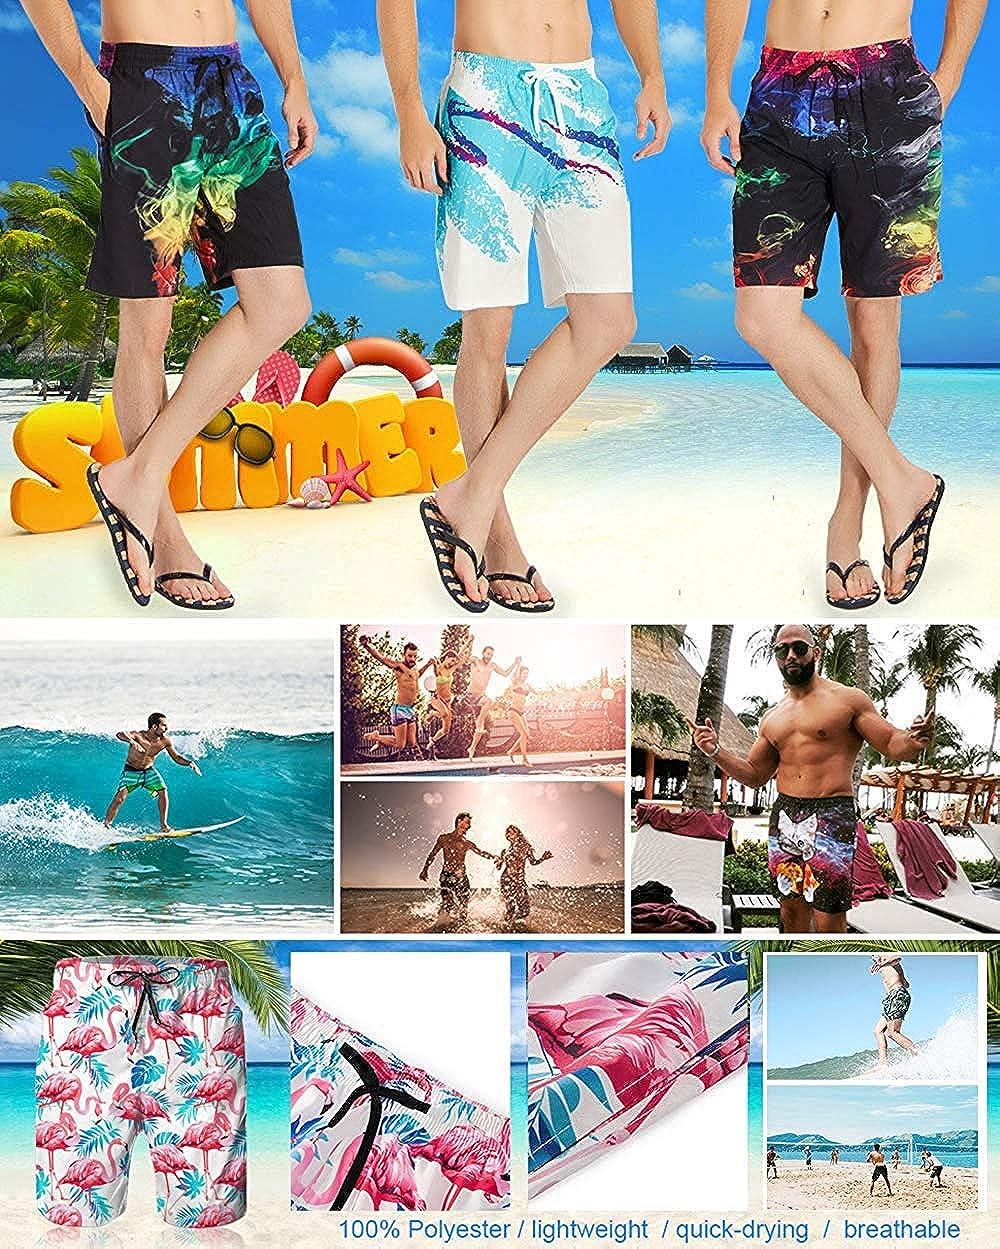 XINGAKA Mens Big /&Tall Swim Trunks Board Shorts Essentials Beachwear Quick Dry,